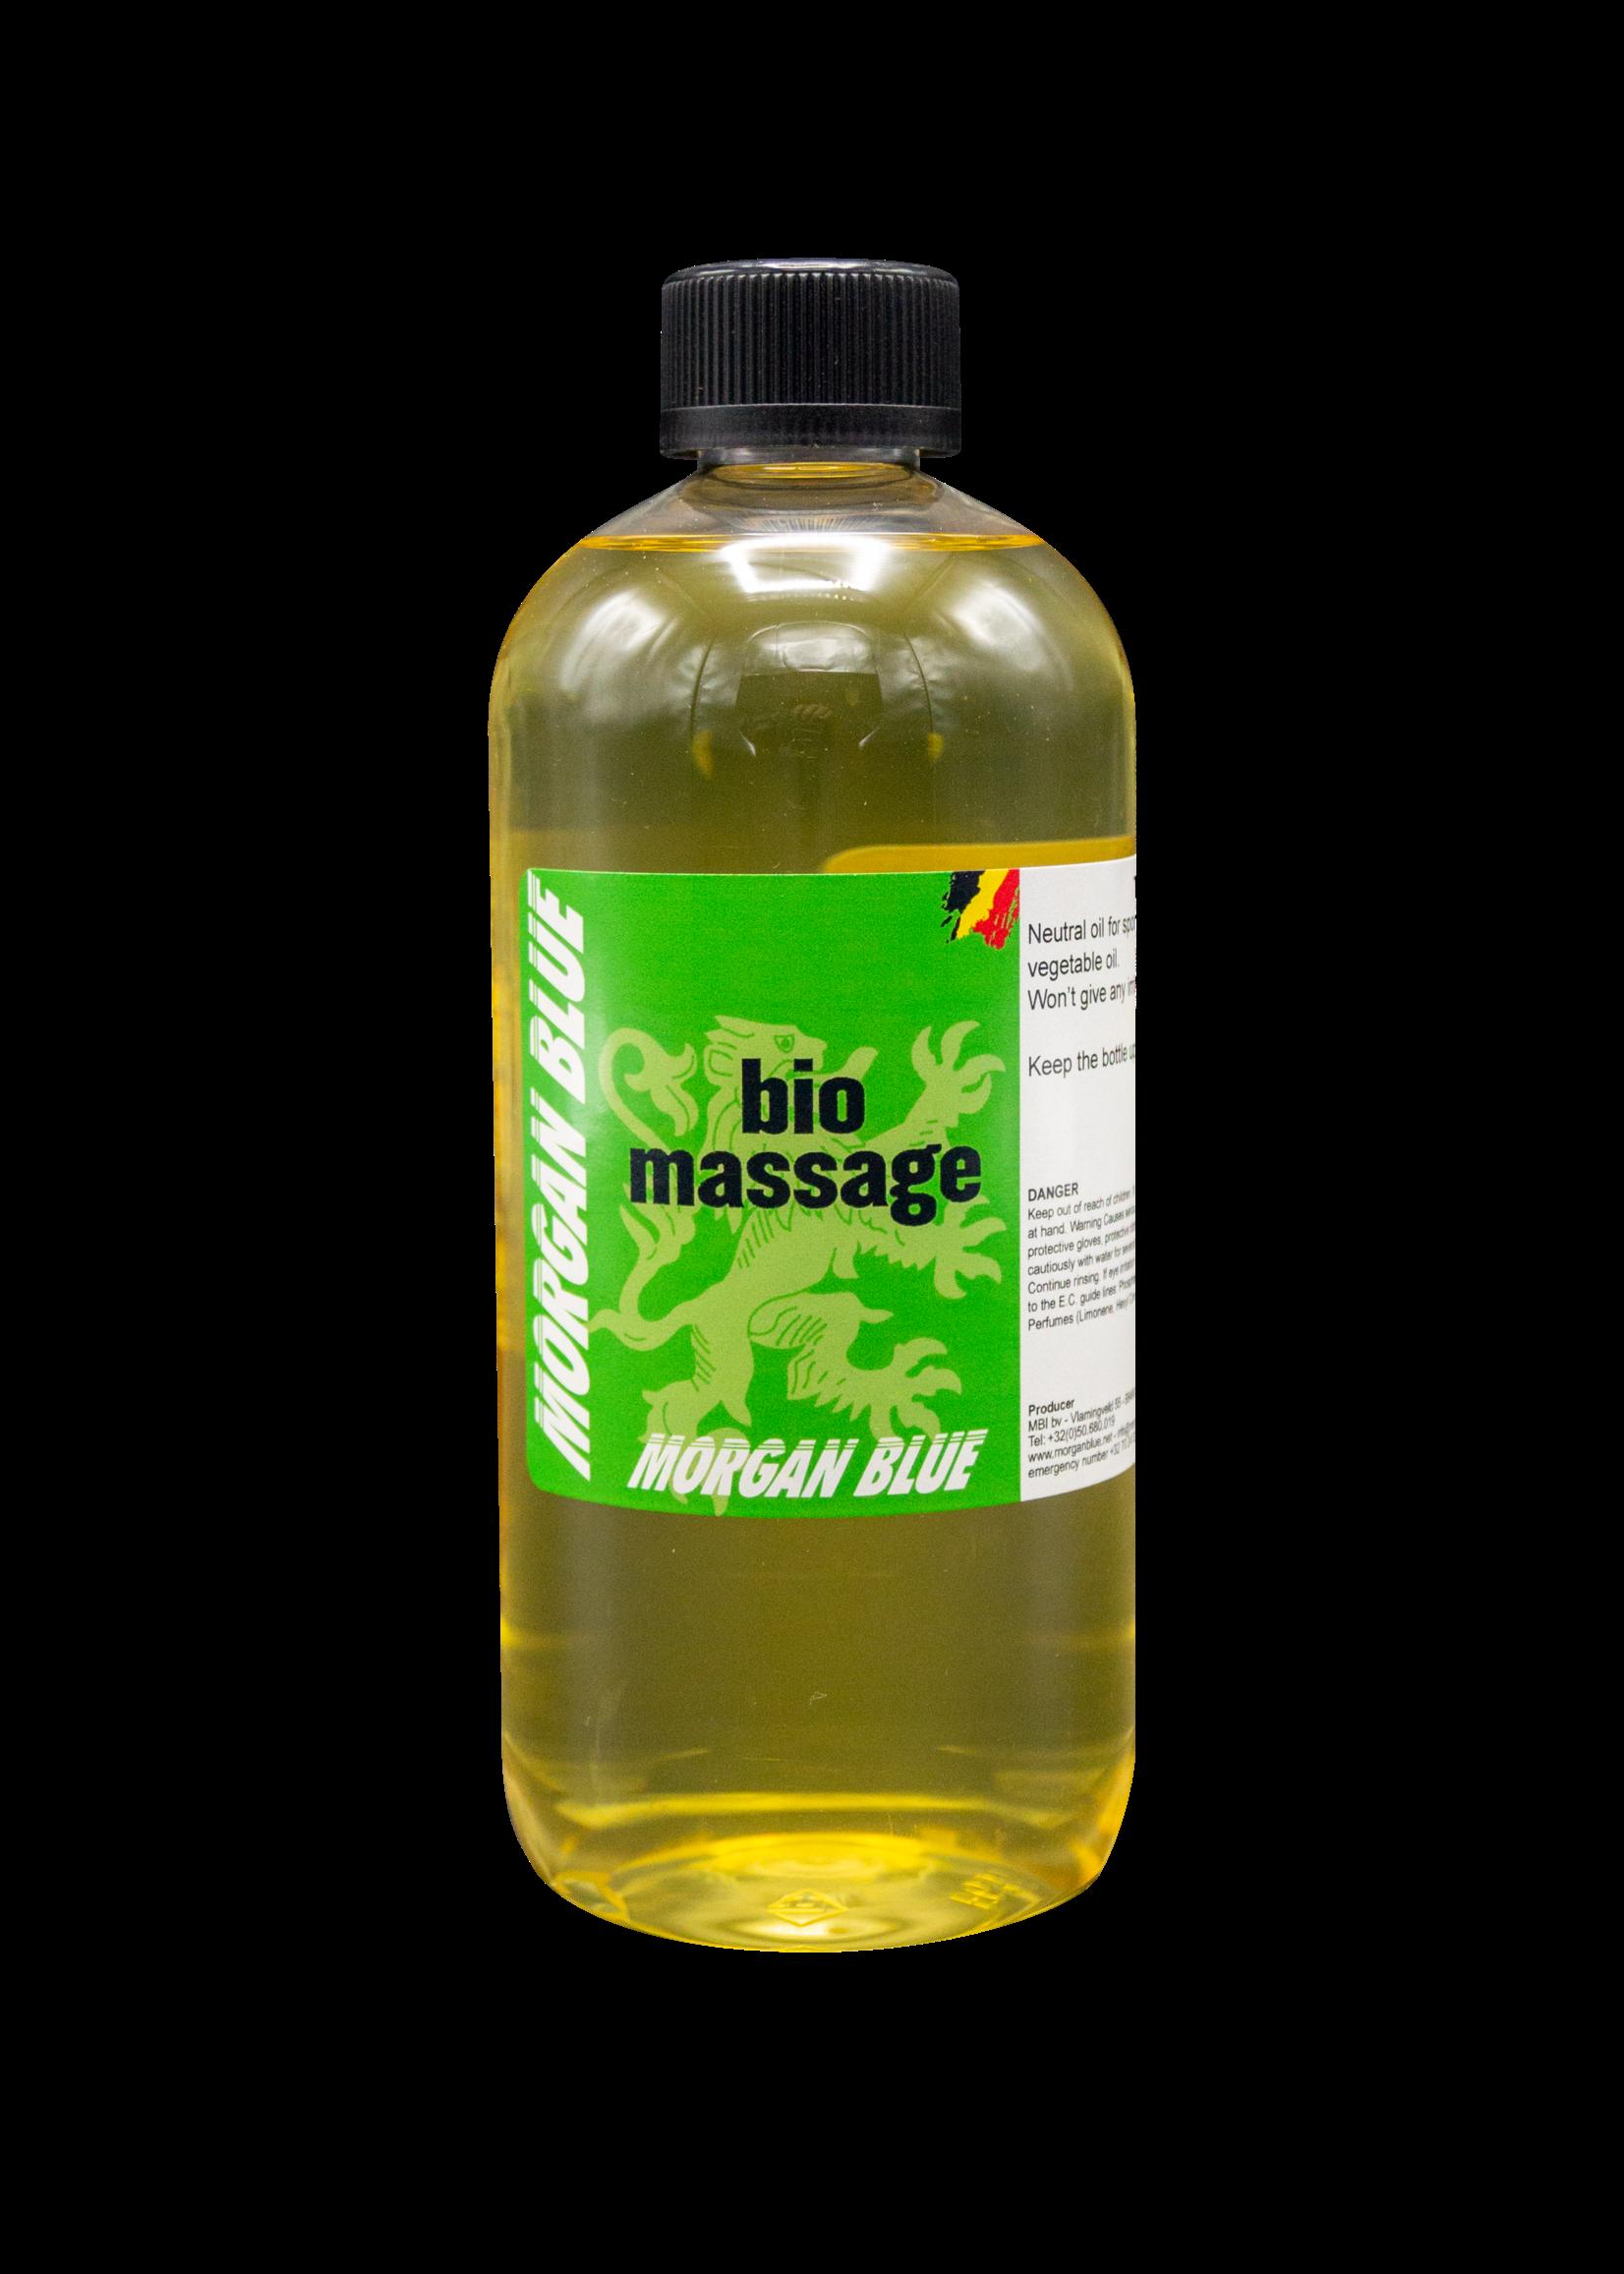 Morgan Blue Bio Massage Oil